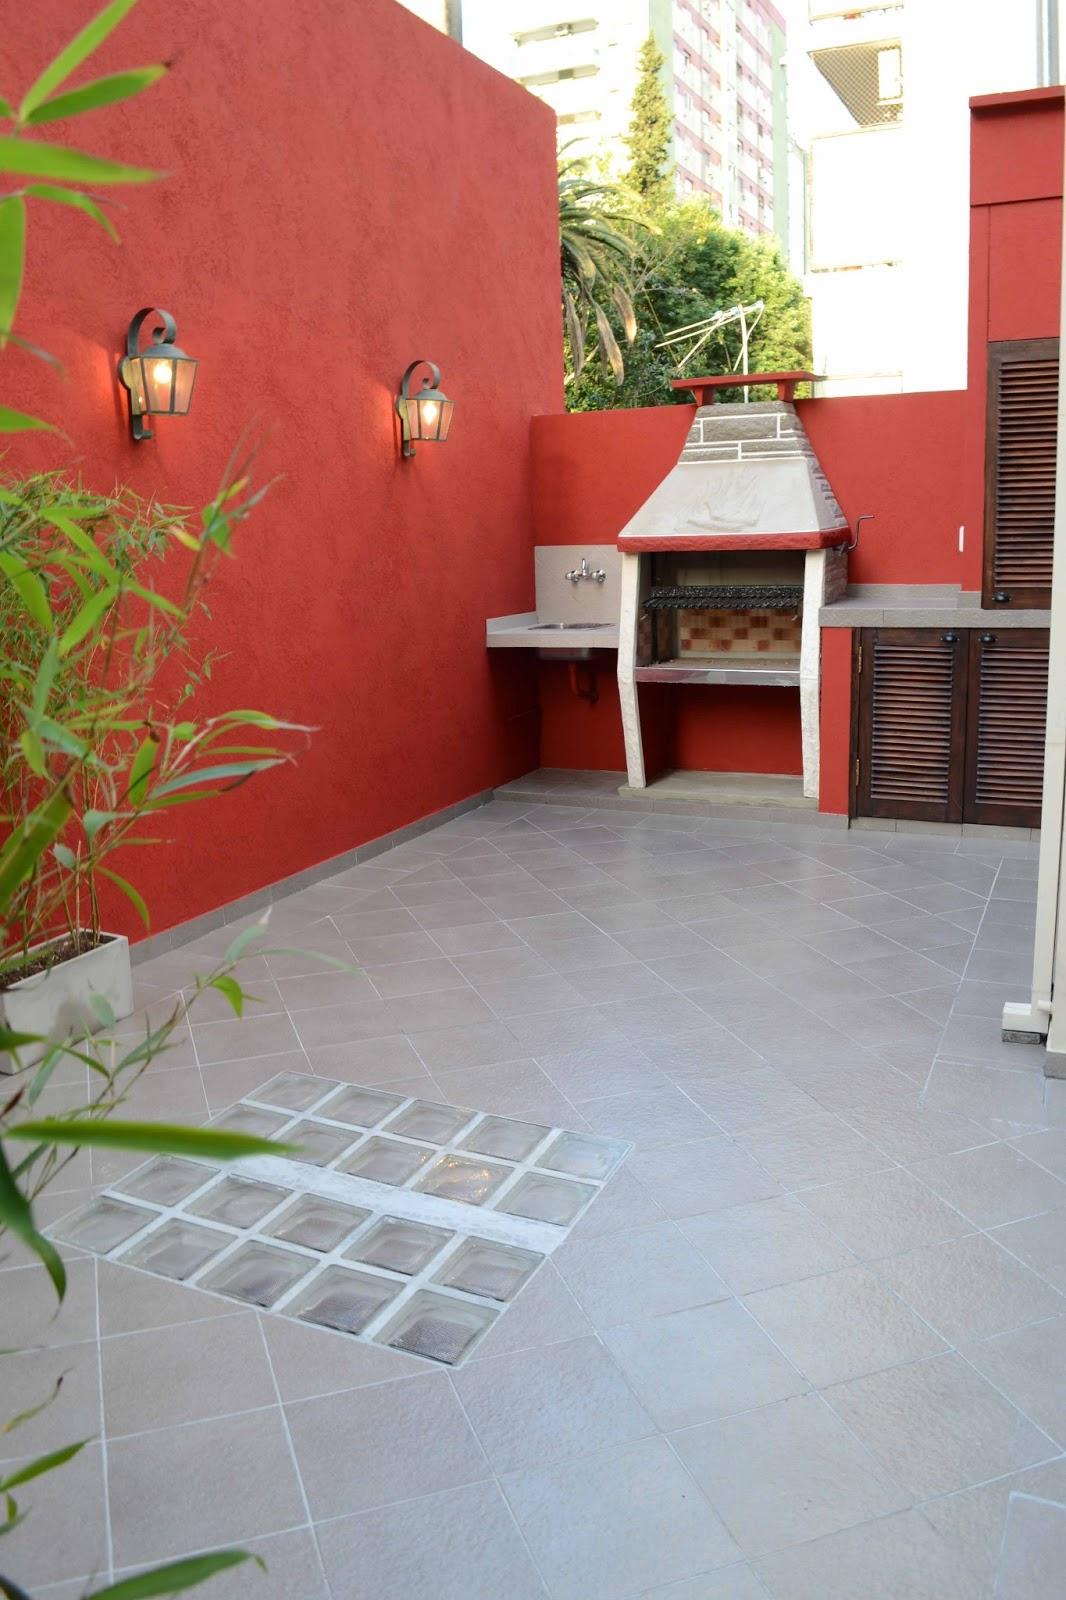 Casas De Decoracion En Caballito ~   CON PISOS DE MADERA Y TRABAJOS DE DECORACI?N EN PAREDES TEXTURADAS